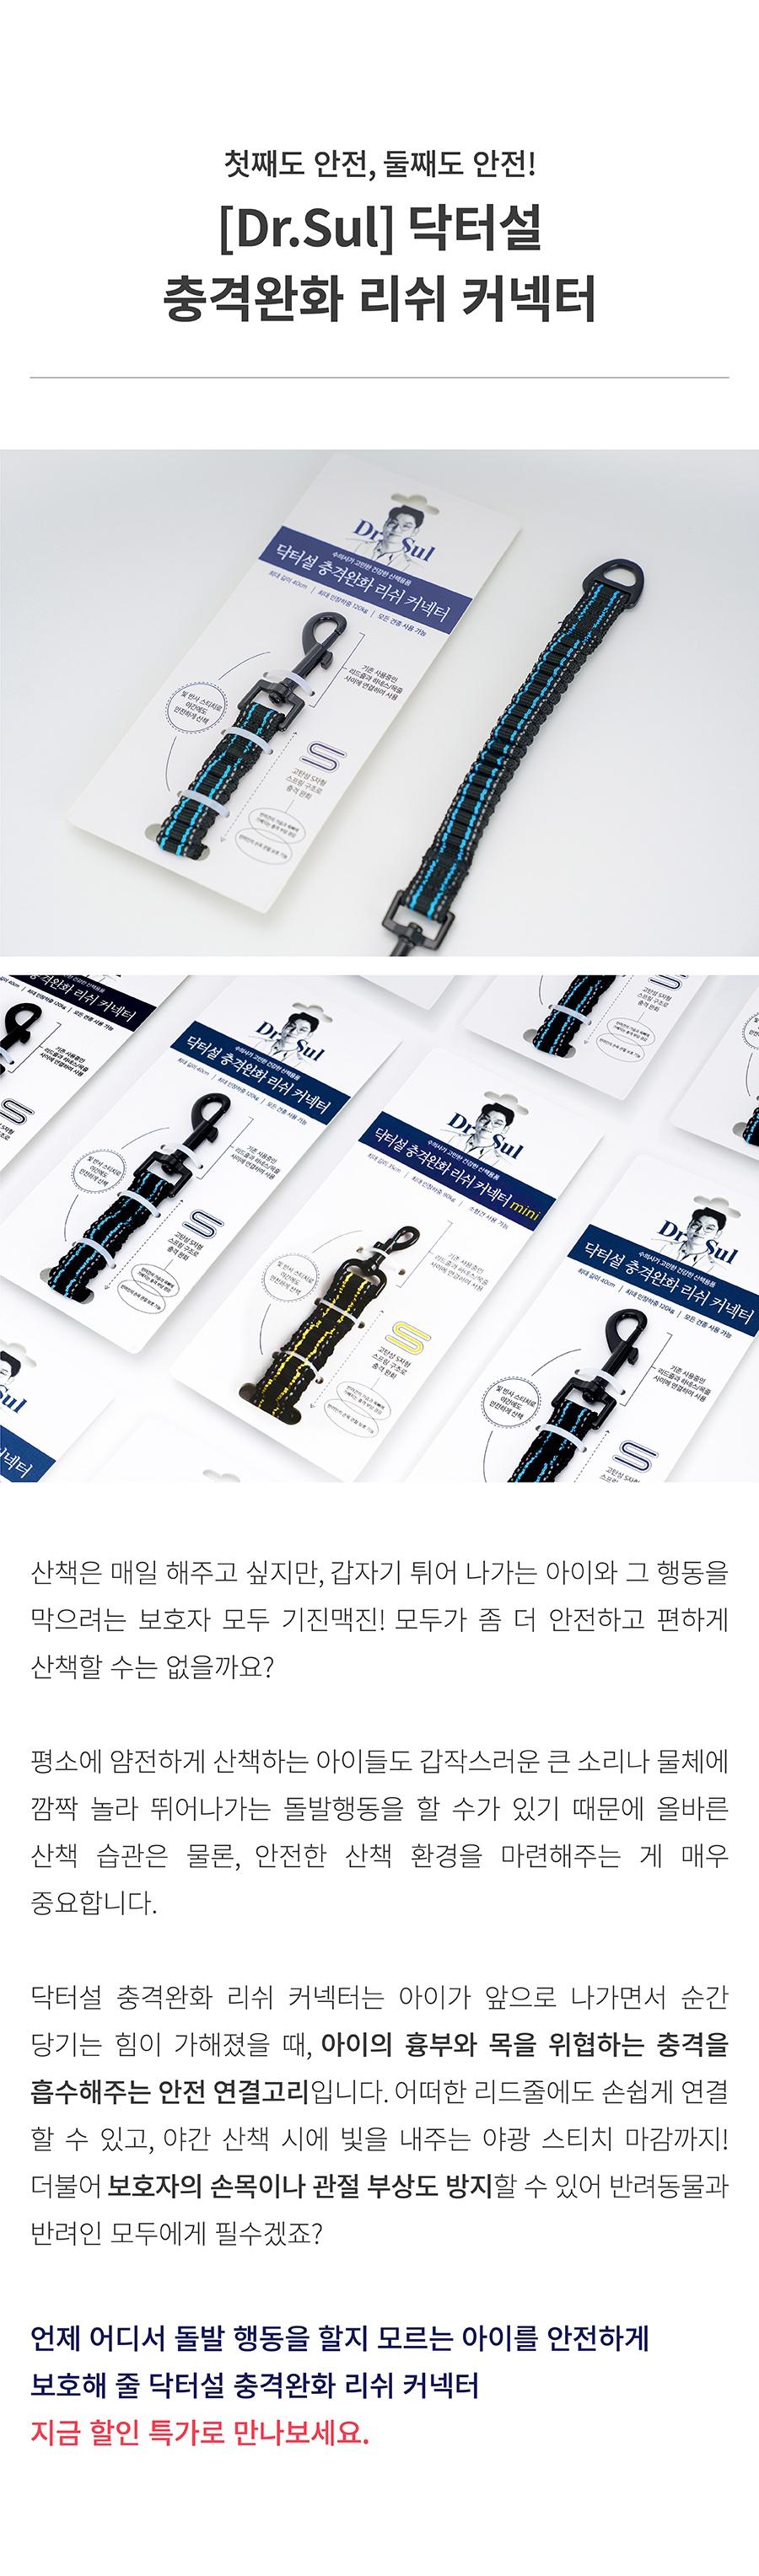 닥터설 충격완화 리쉬 커넥터 (일반/미니)-상품이미지-2